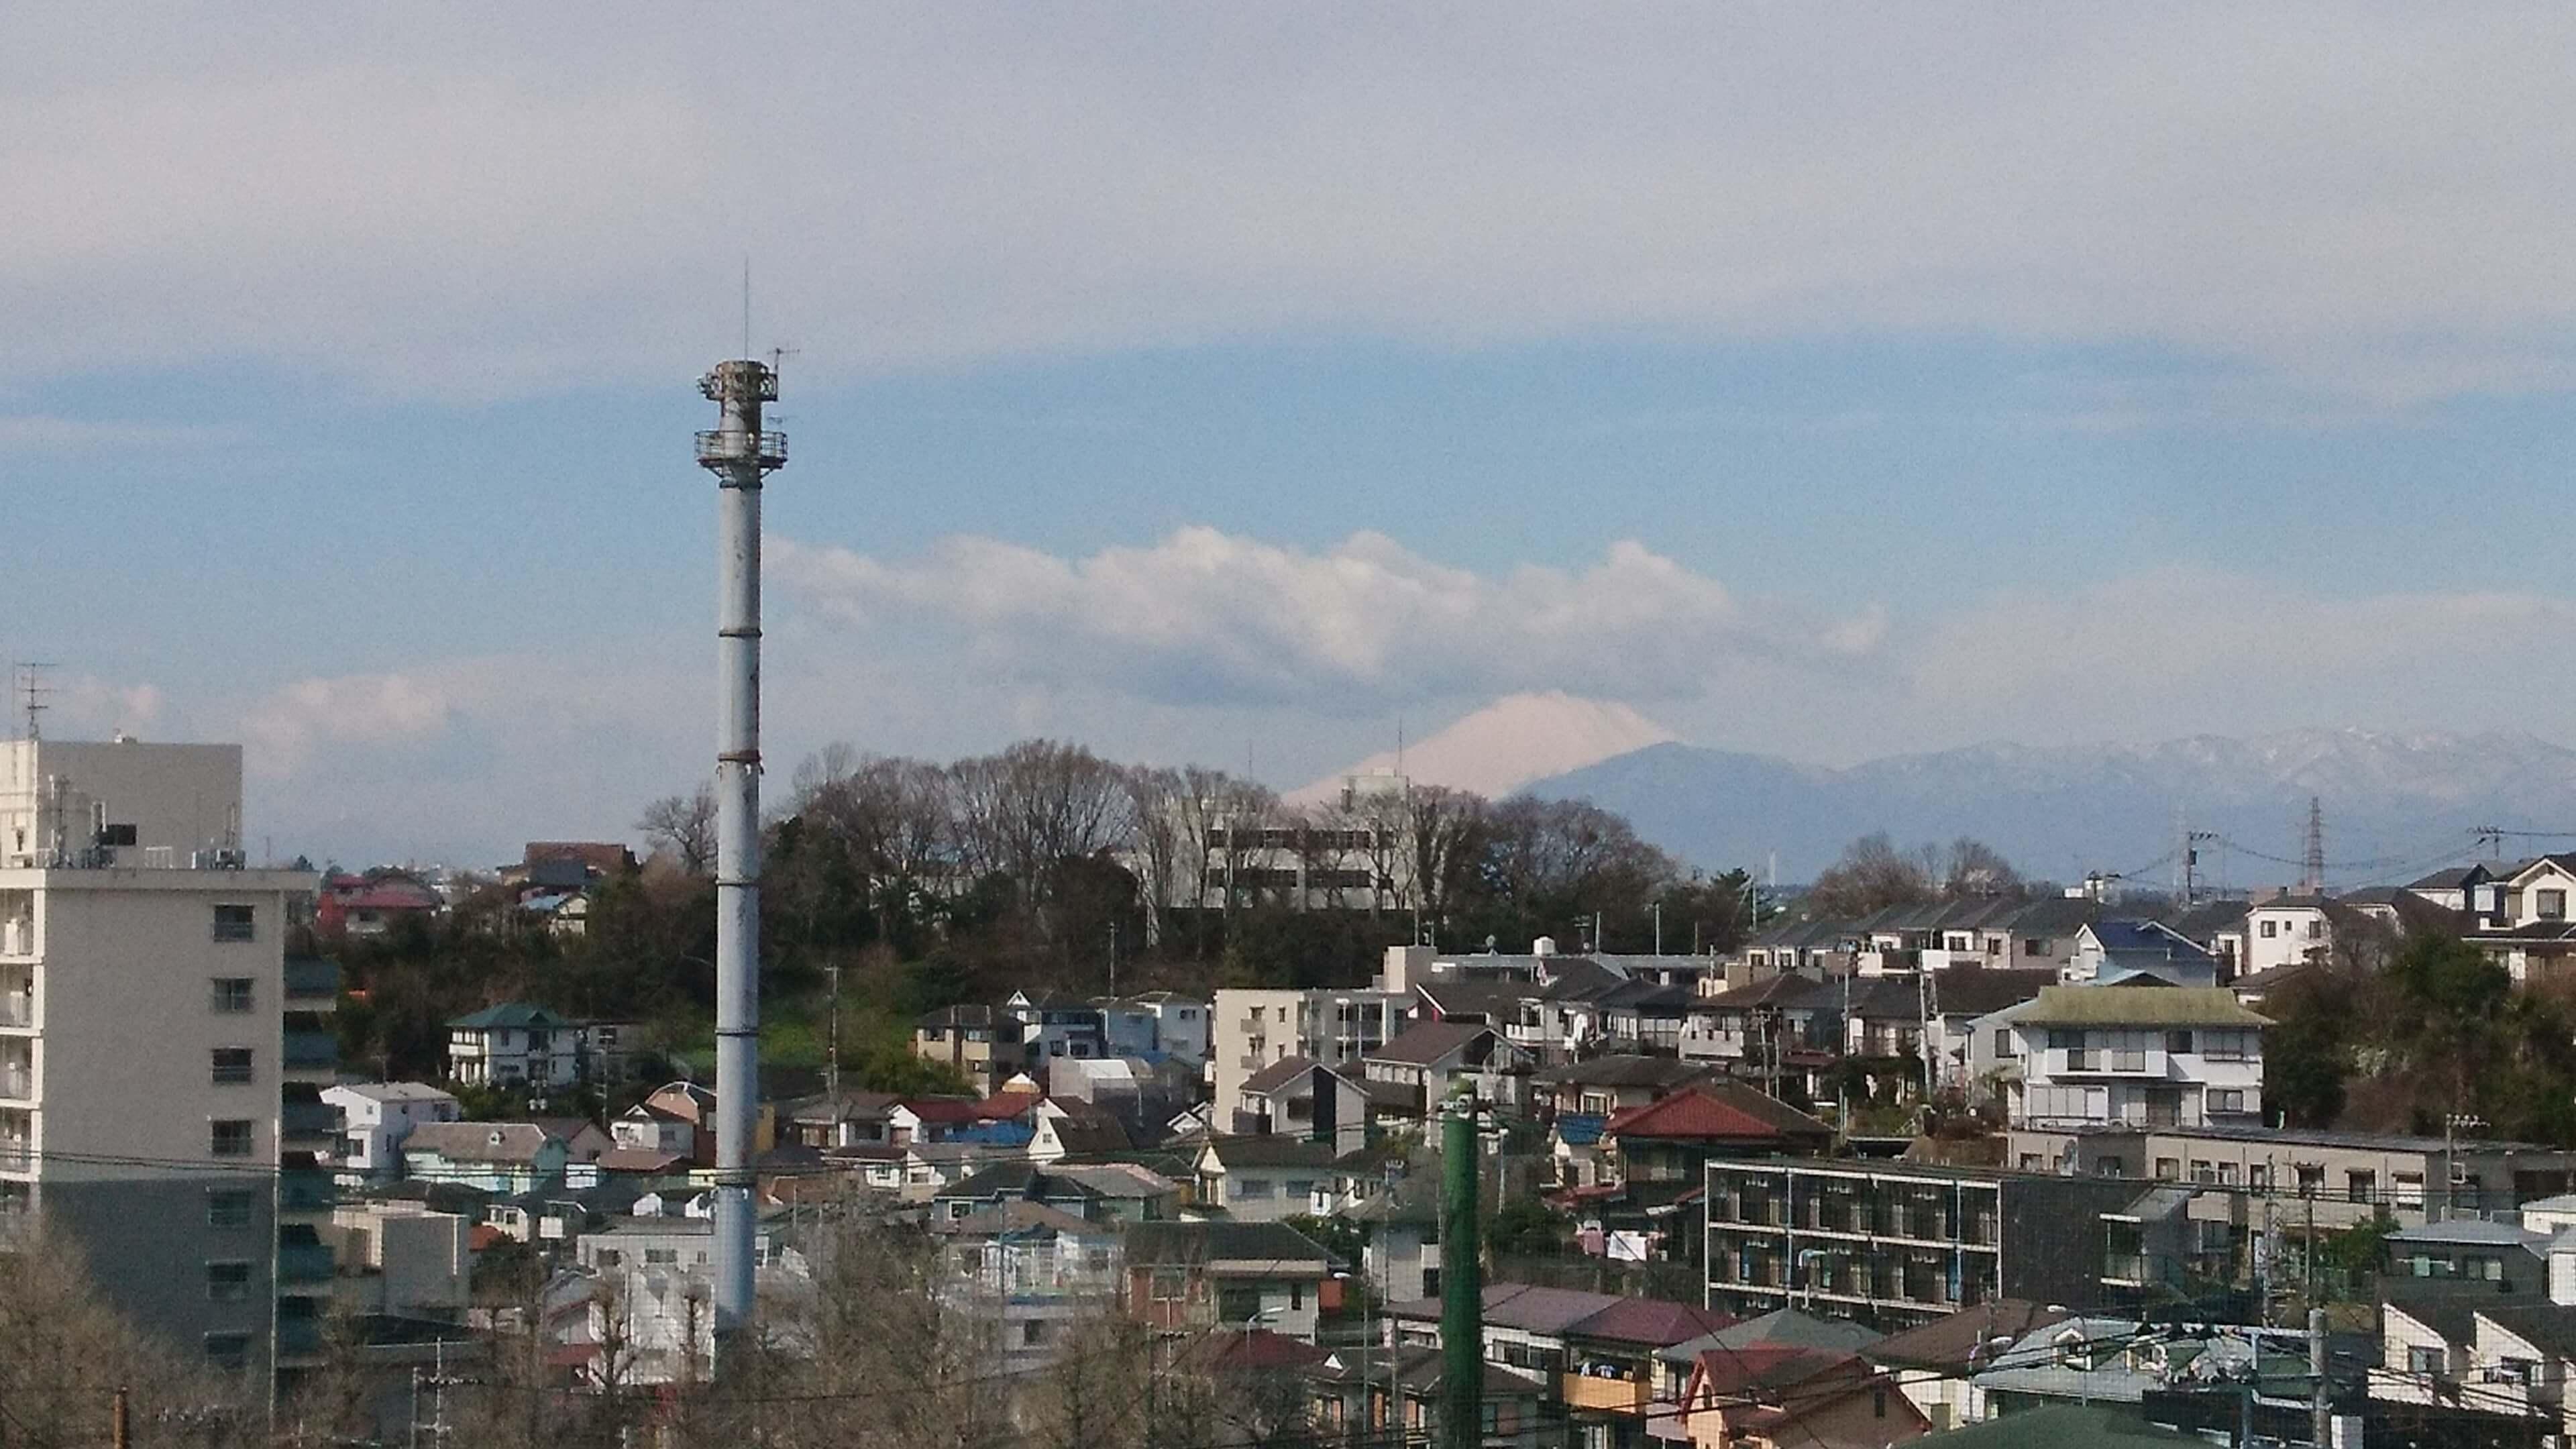 さんはん,詩人,誌,言いたい放題,自由,反戦,平和,戦争反対,富士山,咲村,人形町,一高,